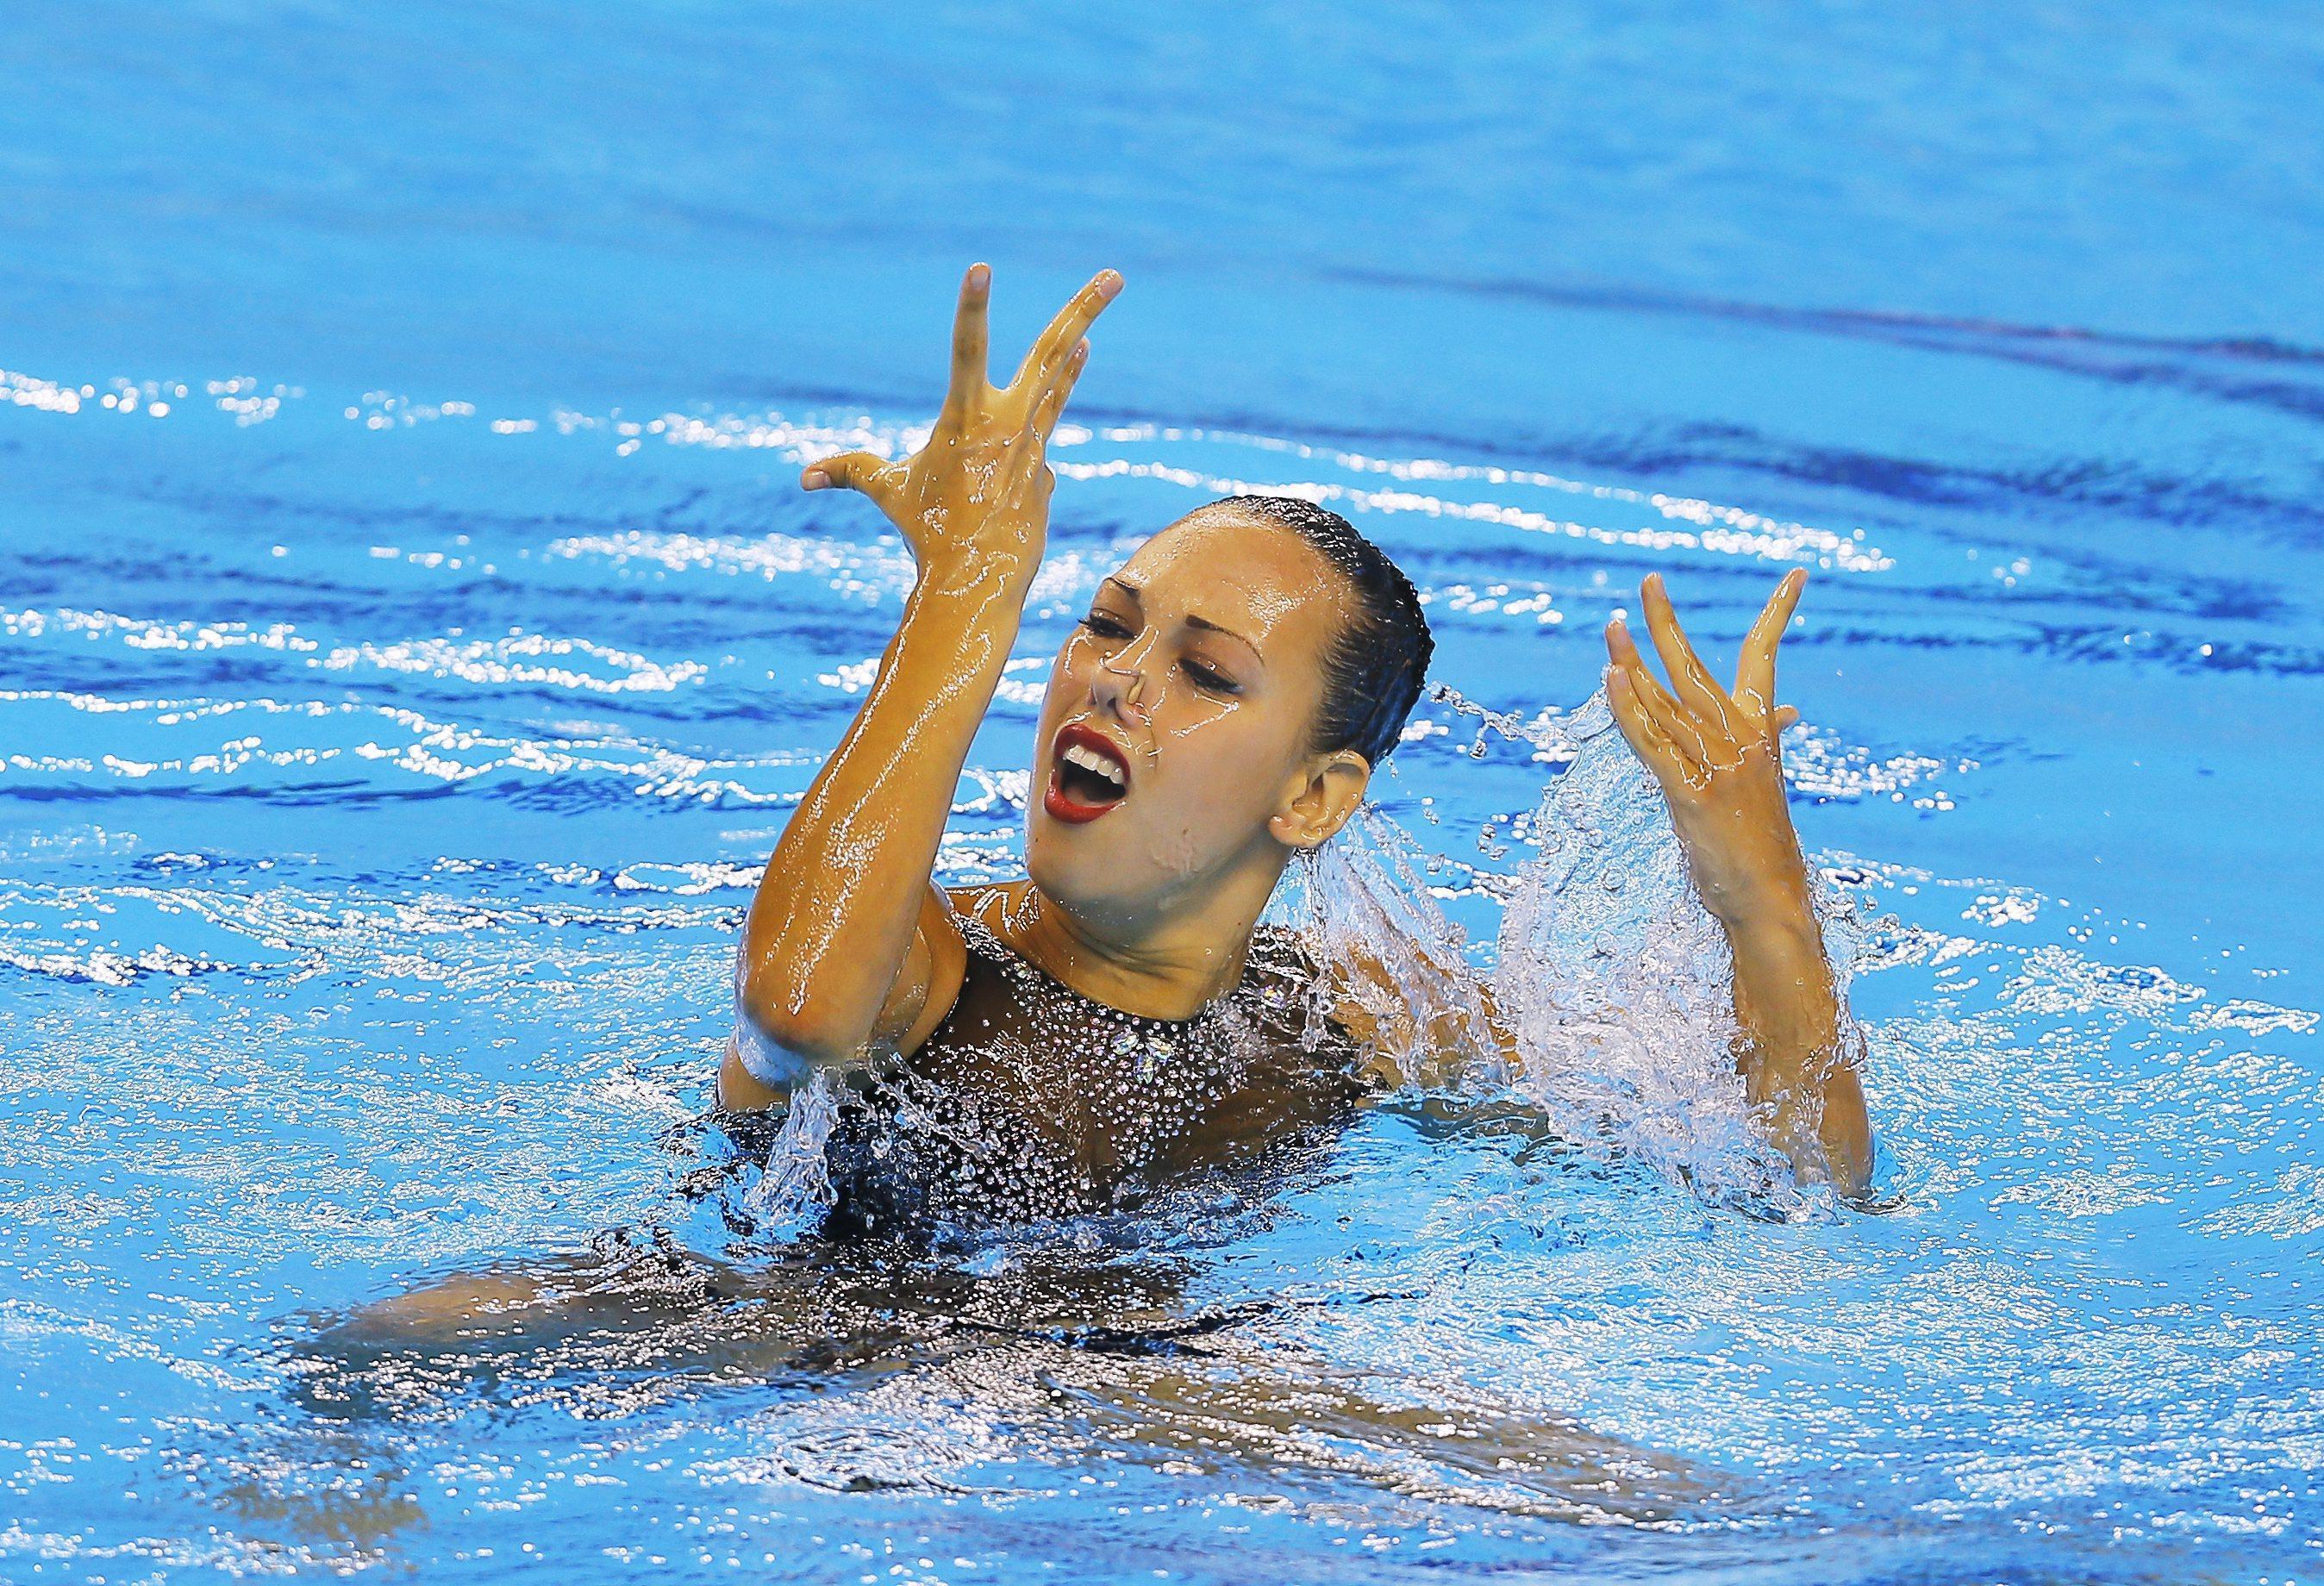 Noemi Carrozza (15 giugno 2018)  - La campionessa di nuoto sincronizzato è stata vittima di un incidente stradale a soli 21 anni